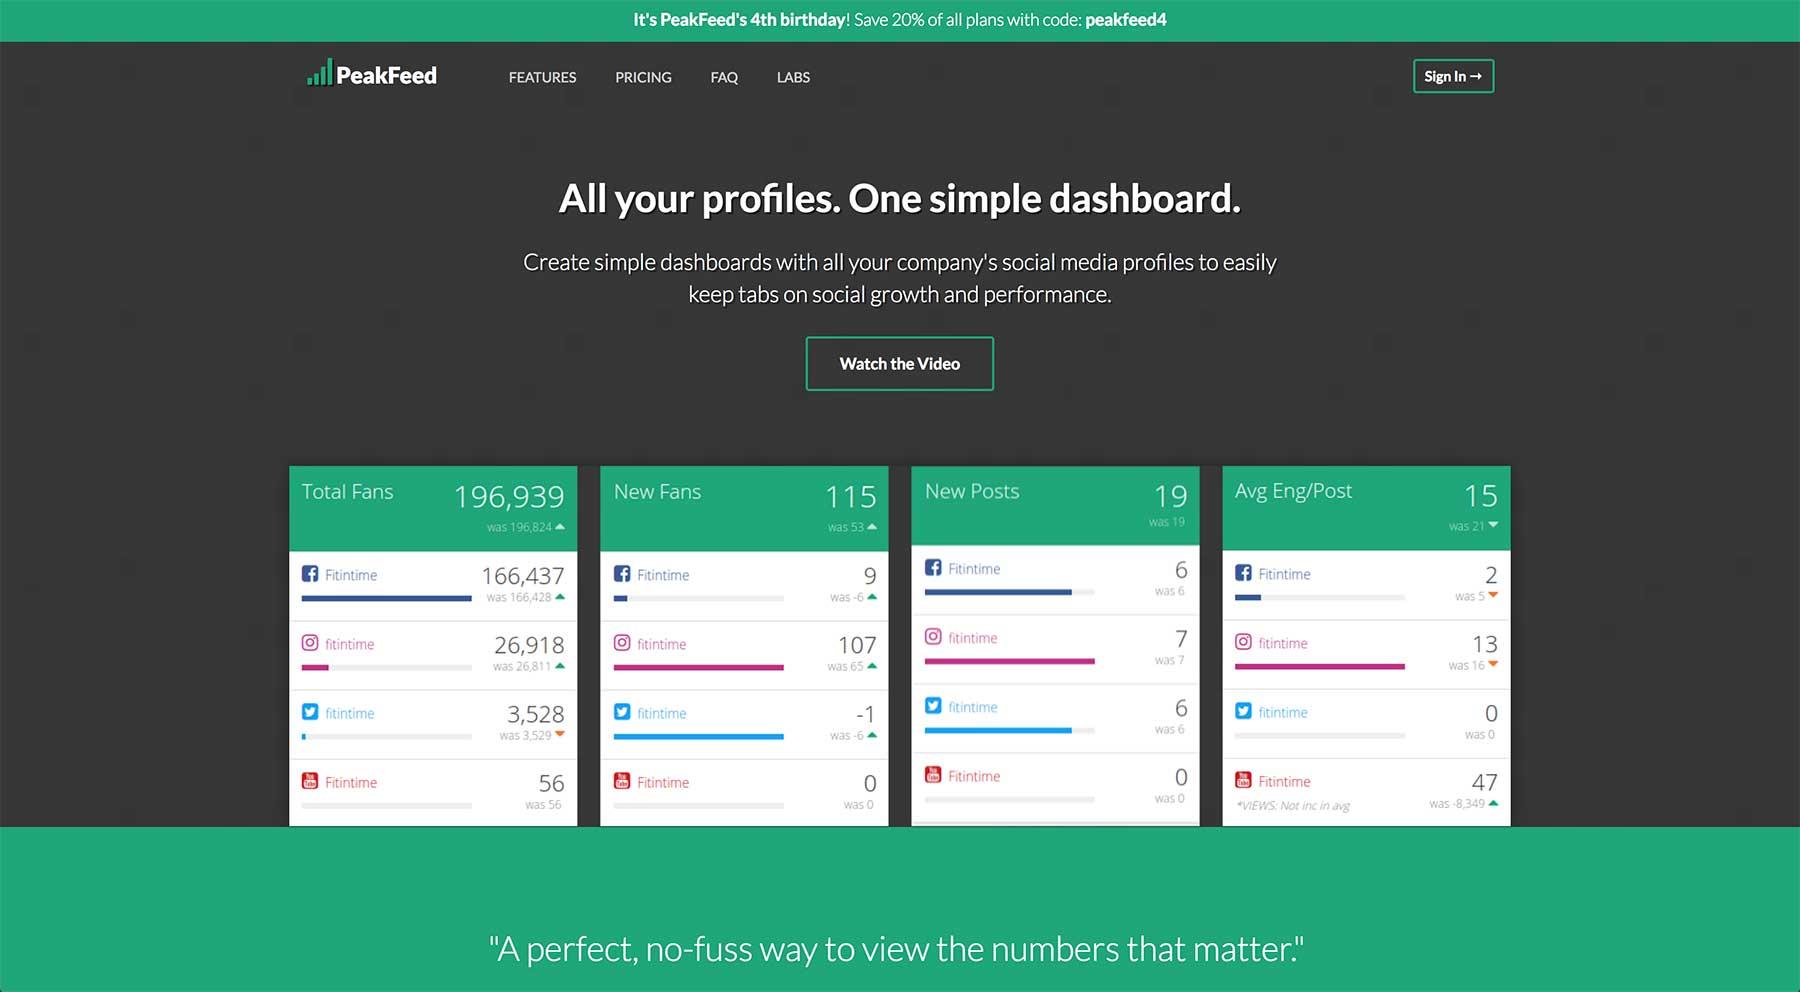 PeakFeed website